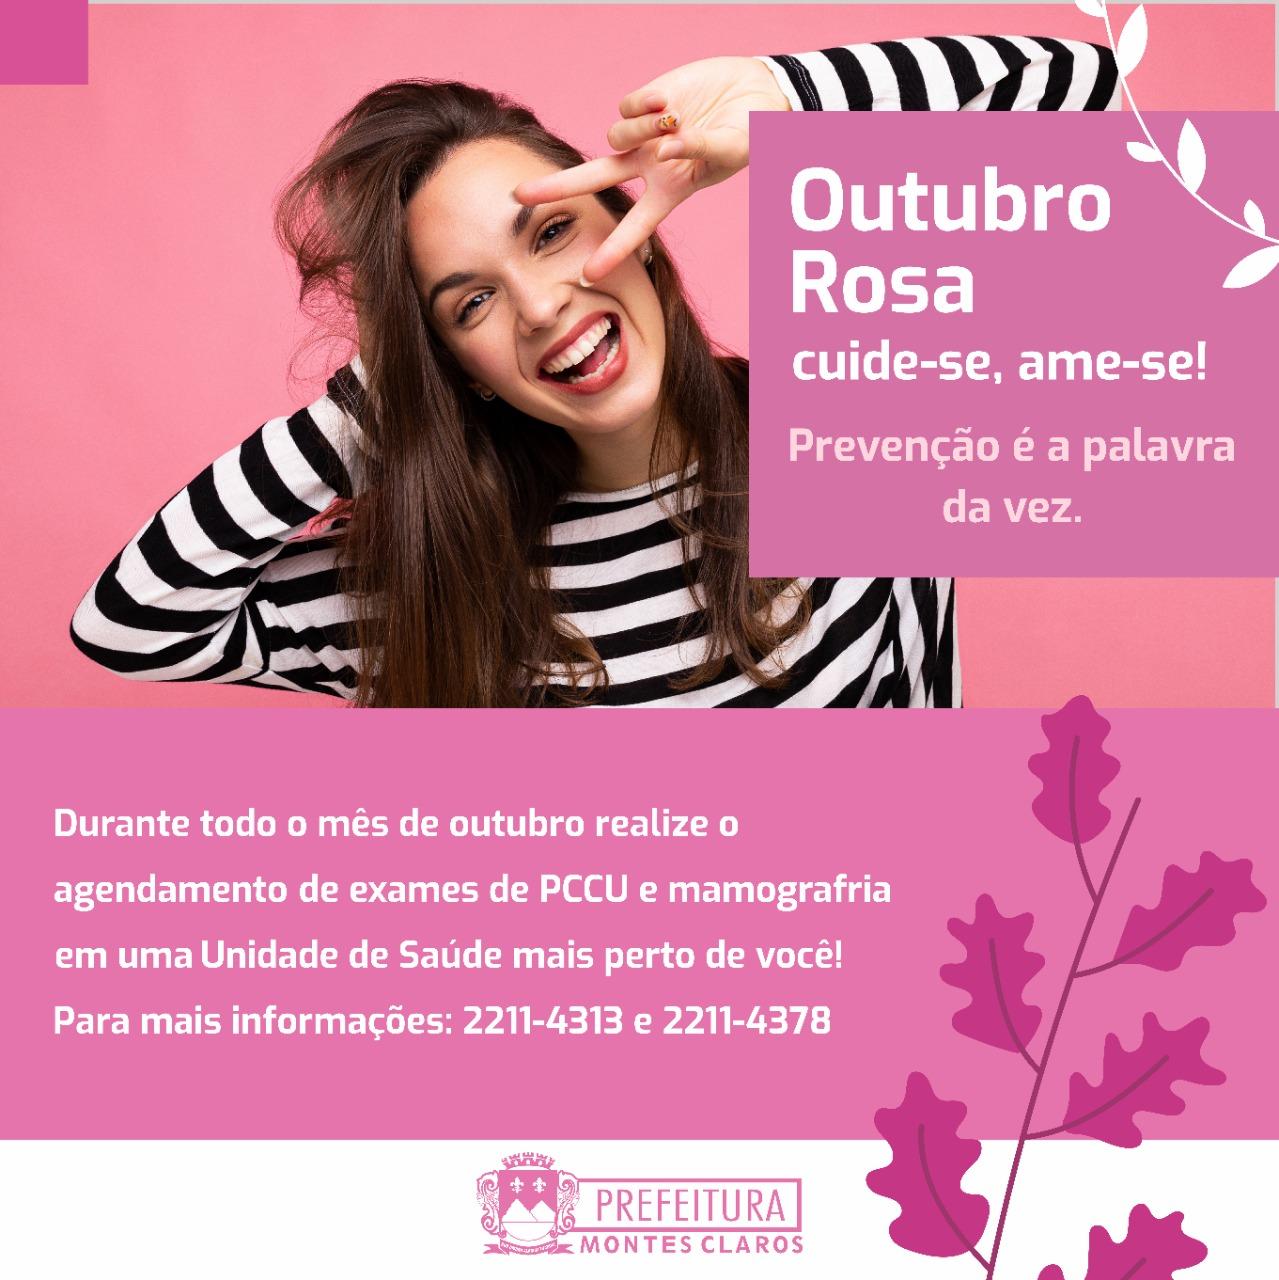 Imagem de destaque OUTUBRO ROSA  Prefeitura deu início à campanha de prevenção e diagnóstico precoce